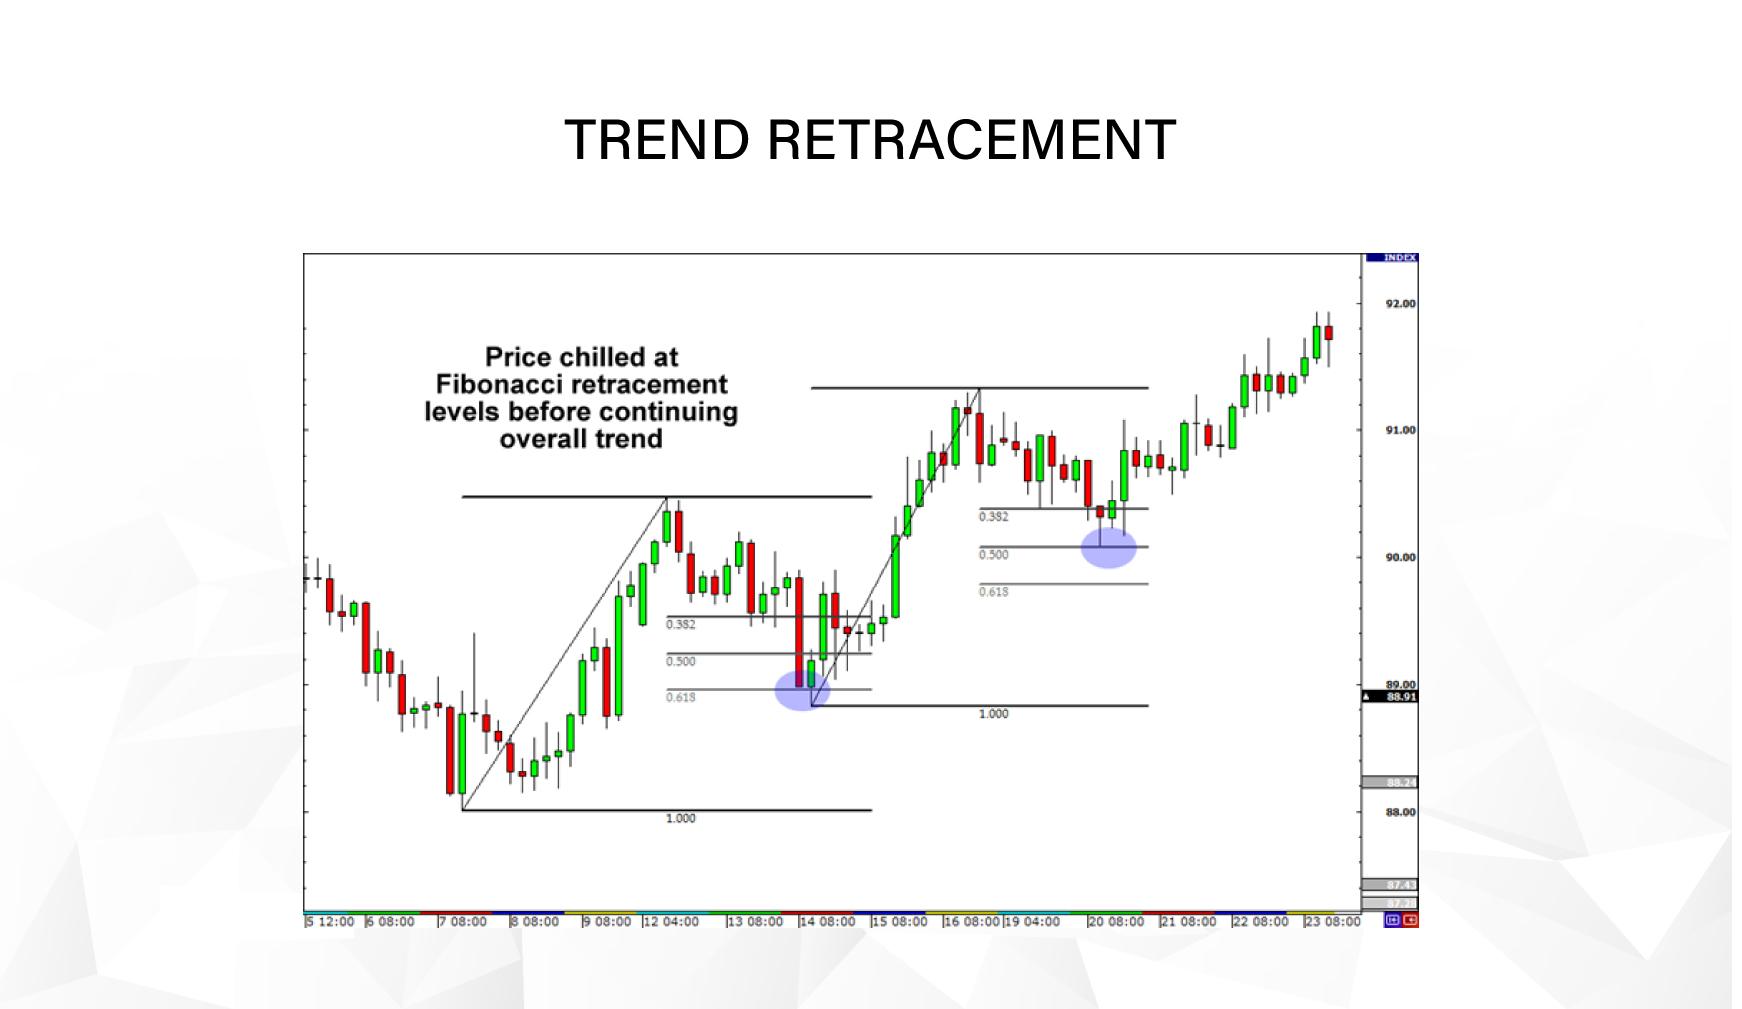 Trend Retracement